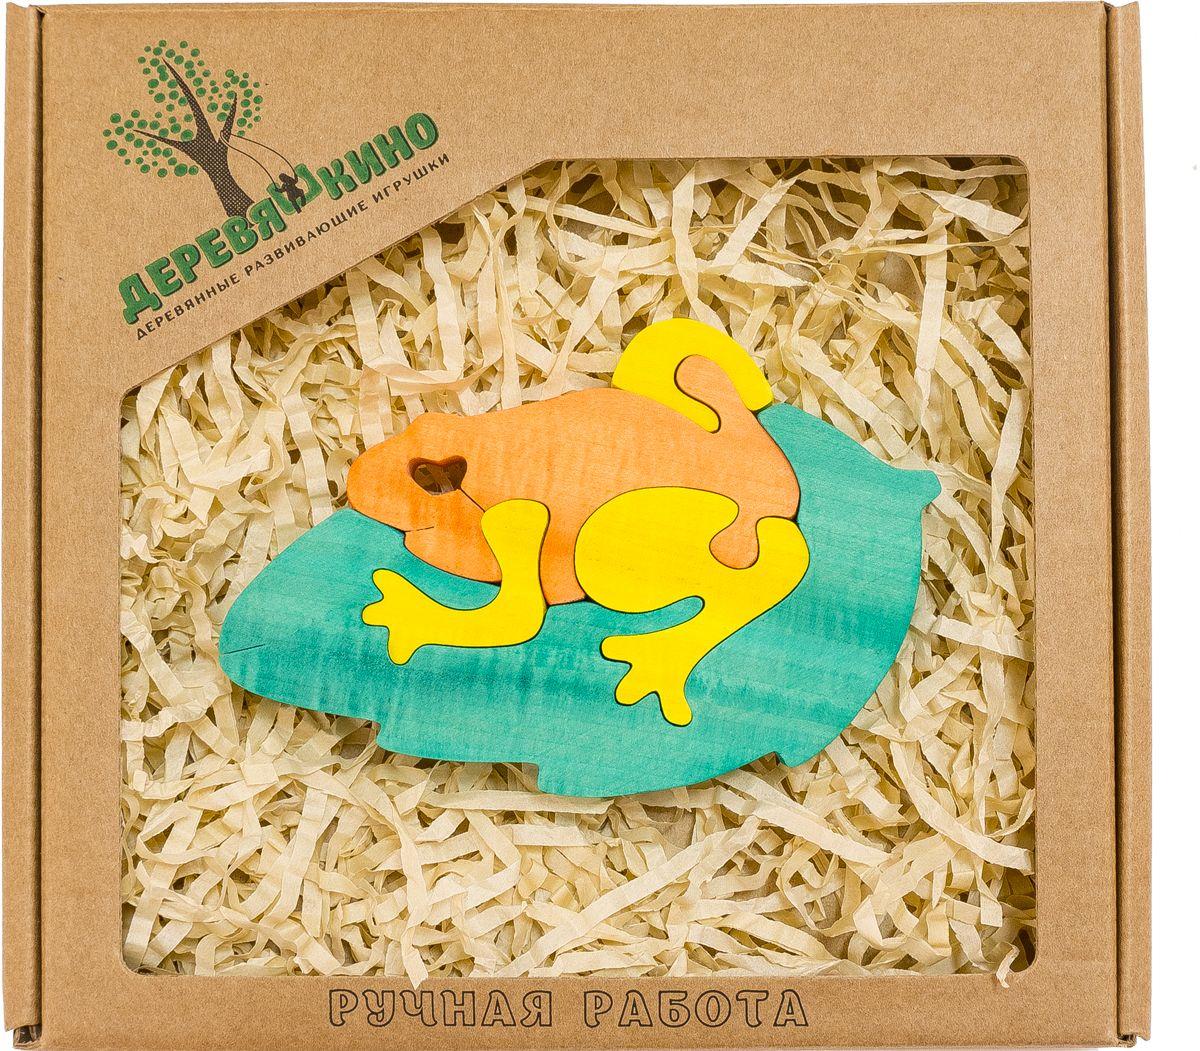 Деревяшкино Пазл для малышей Жабка на листке562Развивающая деревянная головоломка Жабка на листке (средней степени сложности) подходит для мальчиков и девочек в возрасте 3-5лет, состоит из 5 деталей. Экологически чистый продукт: изготовлено вручную из массива березы. Игрушка раскрашена пищевой водостойкой краской, что делает взаимодействие с изделием абсолютно безопасным: никаких лаков, «химии» или добавок. Процесс сборки деревянной головоломки развивает: тактильную сенсорику, внимательность, усидчивость, пространственное мышление, мелкую моторику, а так же учит различать элементы по цвету, форме и размеру. С продукцией компании Деревяшкино, Ваши детки развиваются, играя без риска для здоровья.